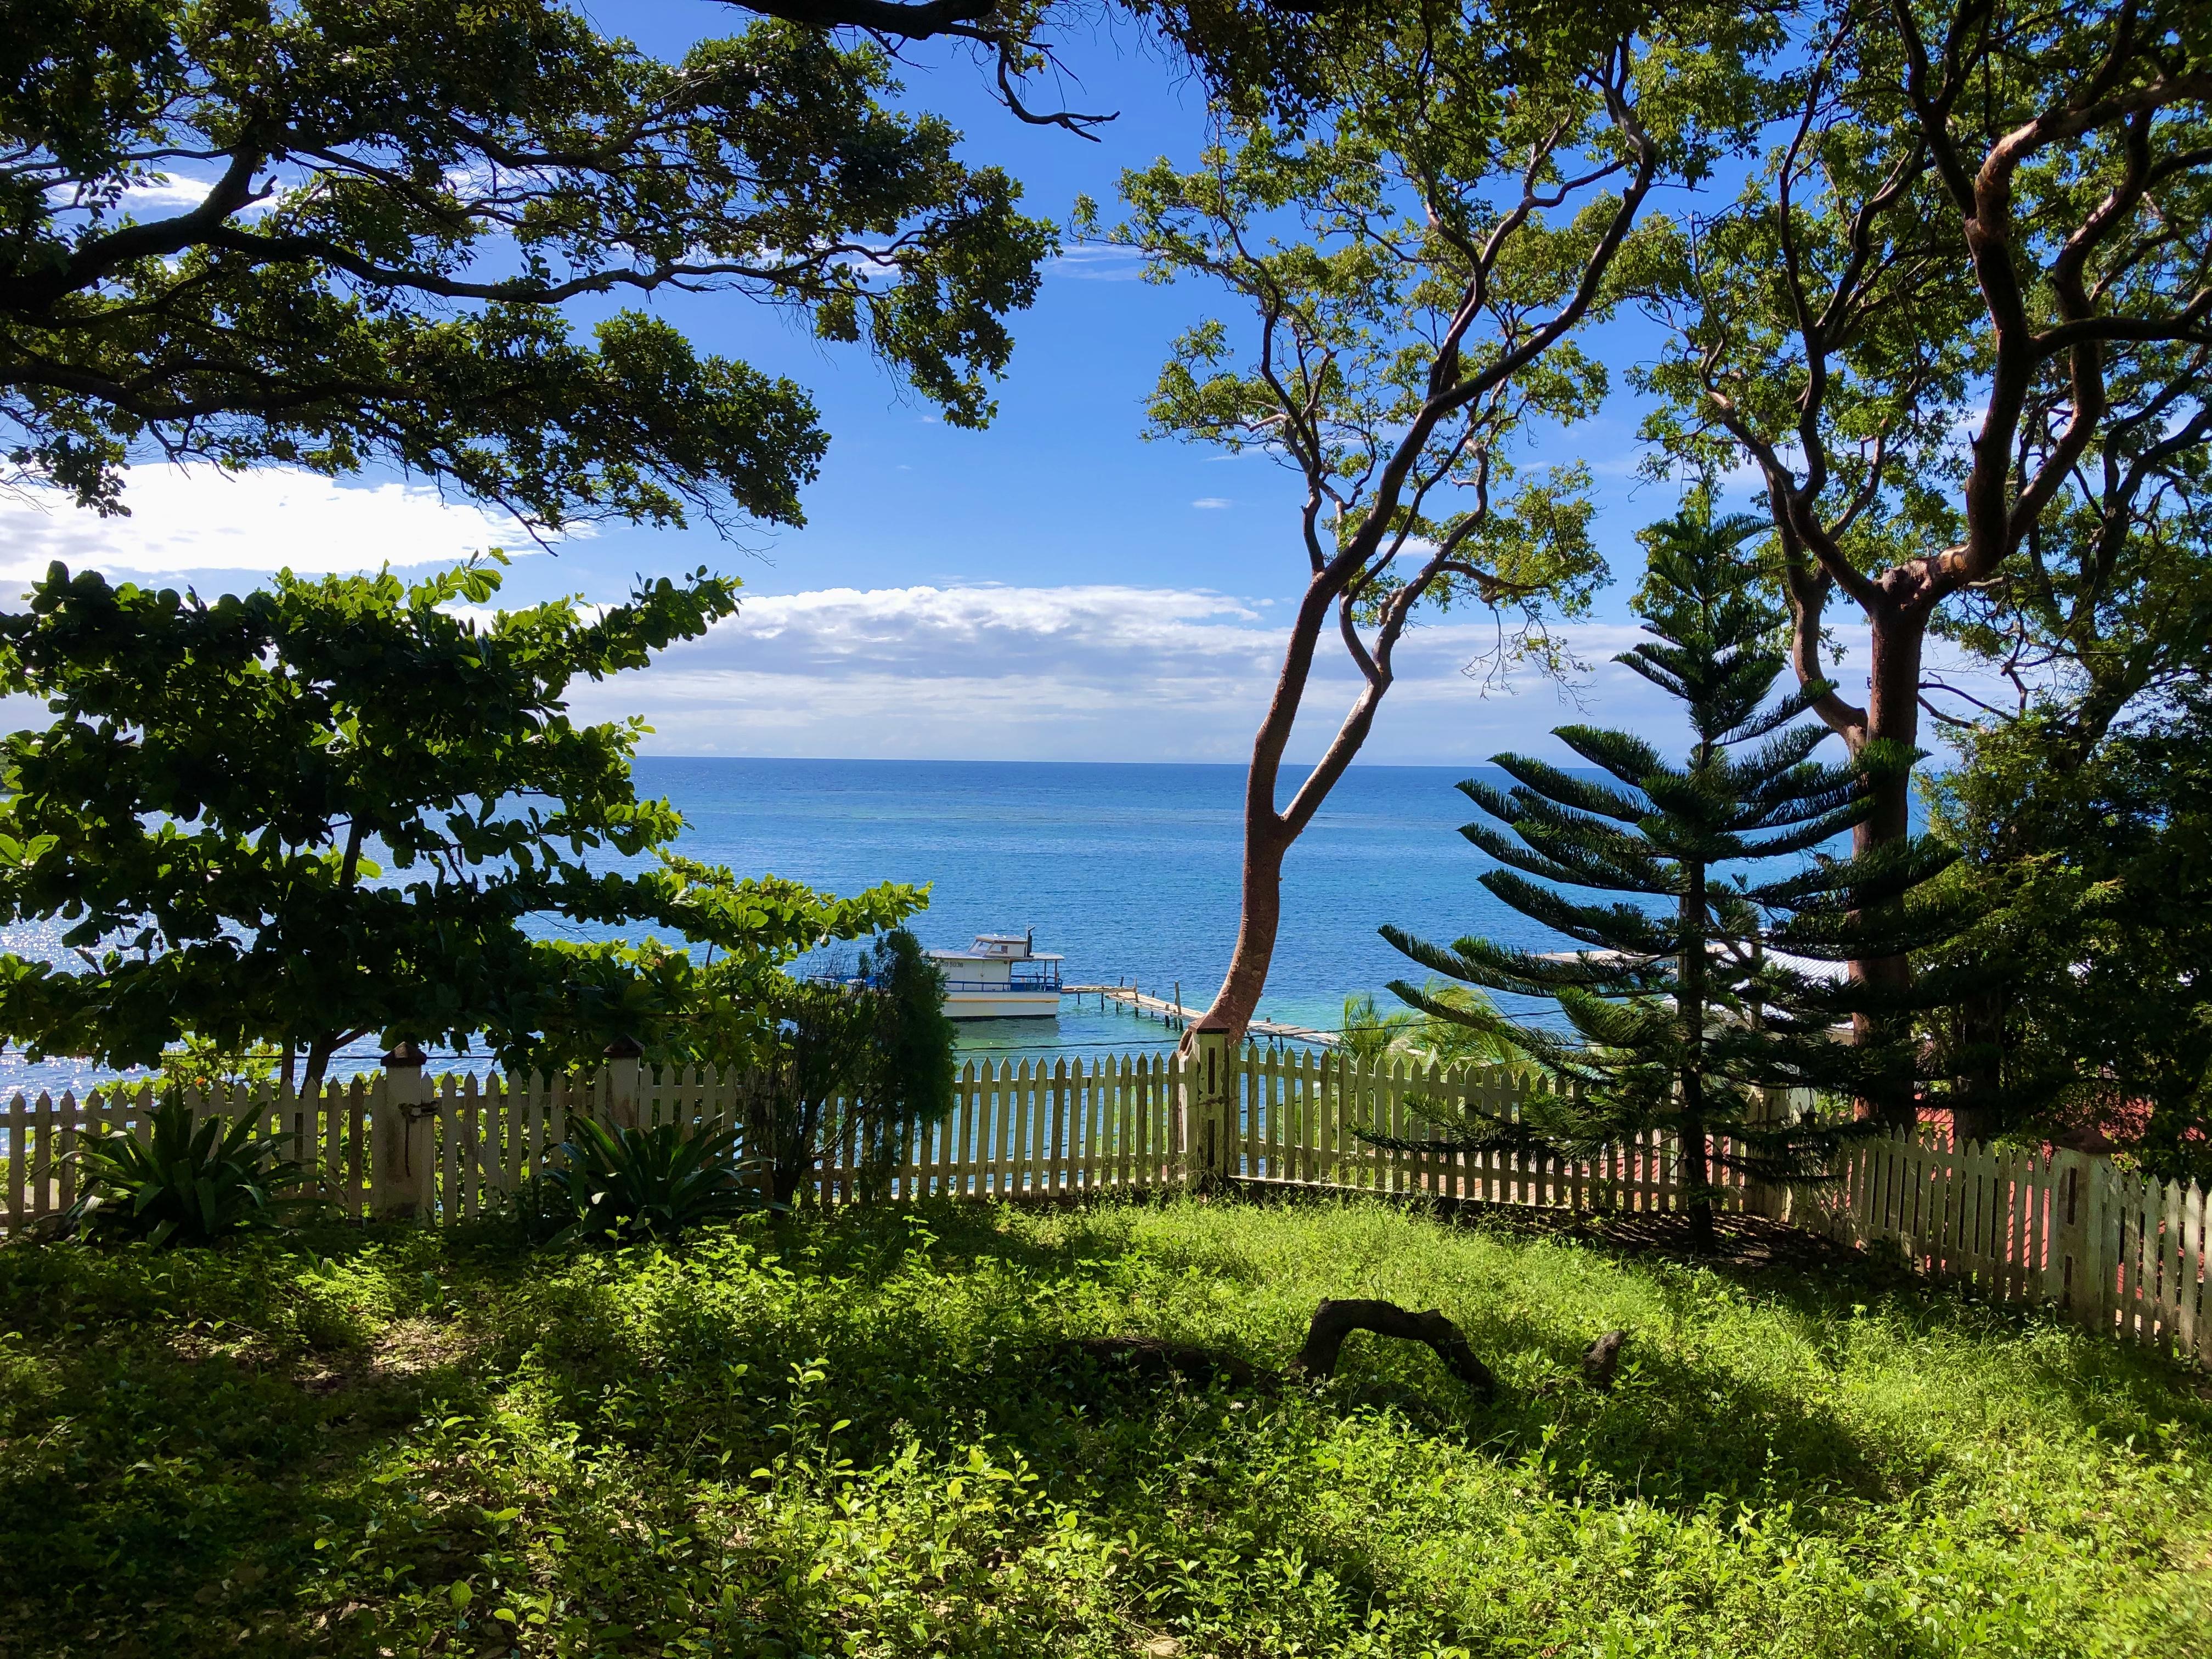 Ocean view roatan